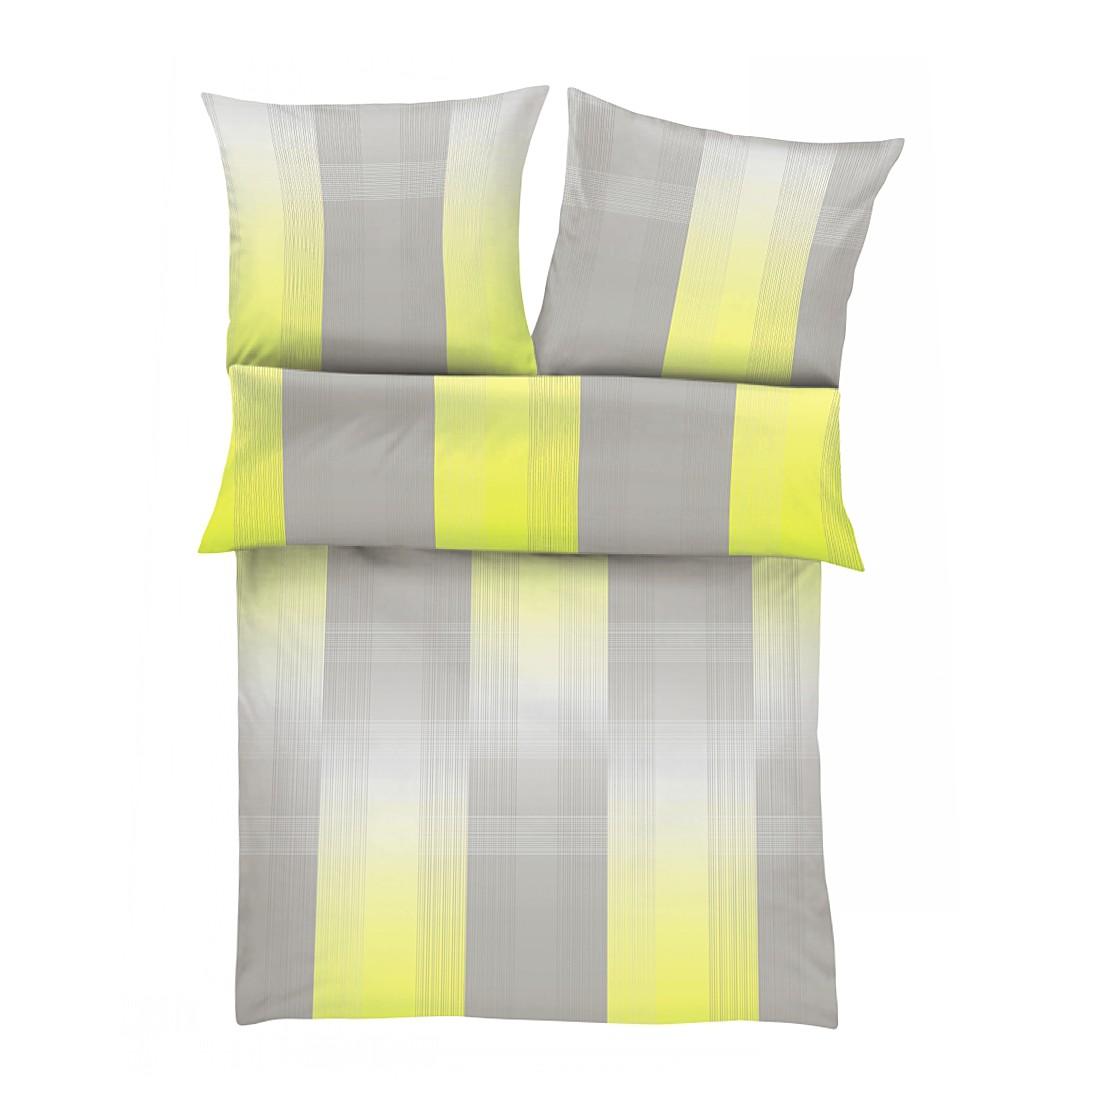 Renforcébettwäsche Neon – Grau – Maße: 135 x 200 cm, s.Oliver online bestellen